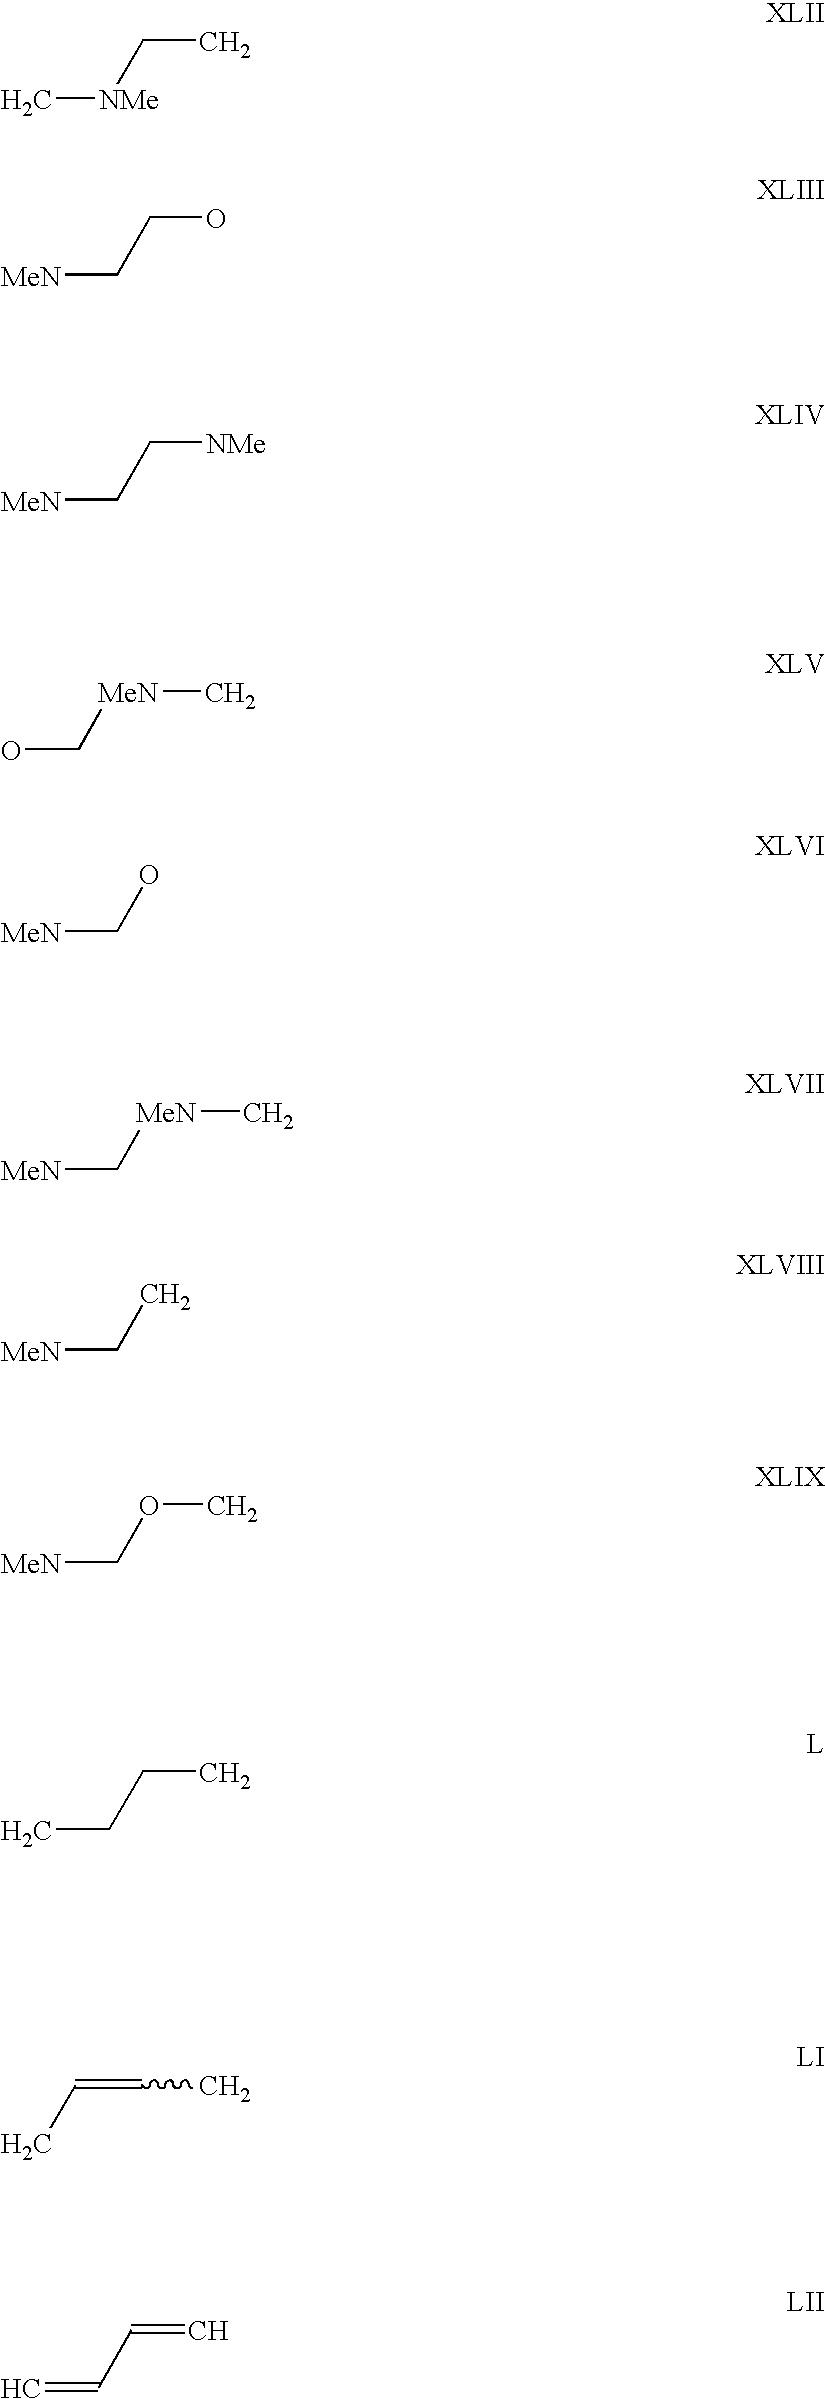 Figure US20060014144A1-20060119-C00078